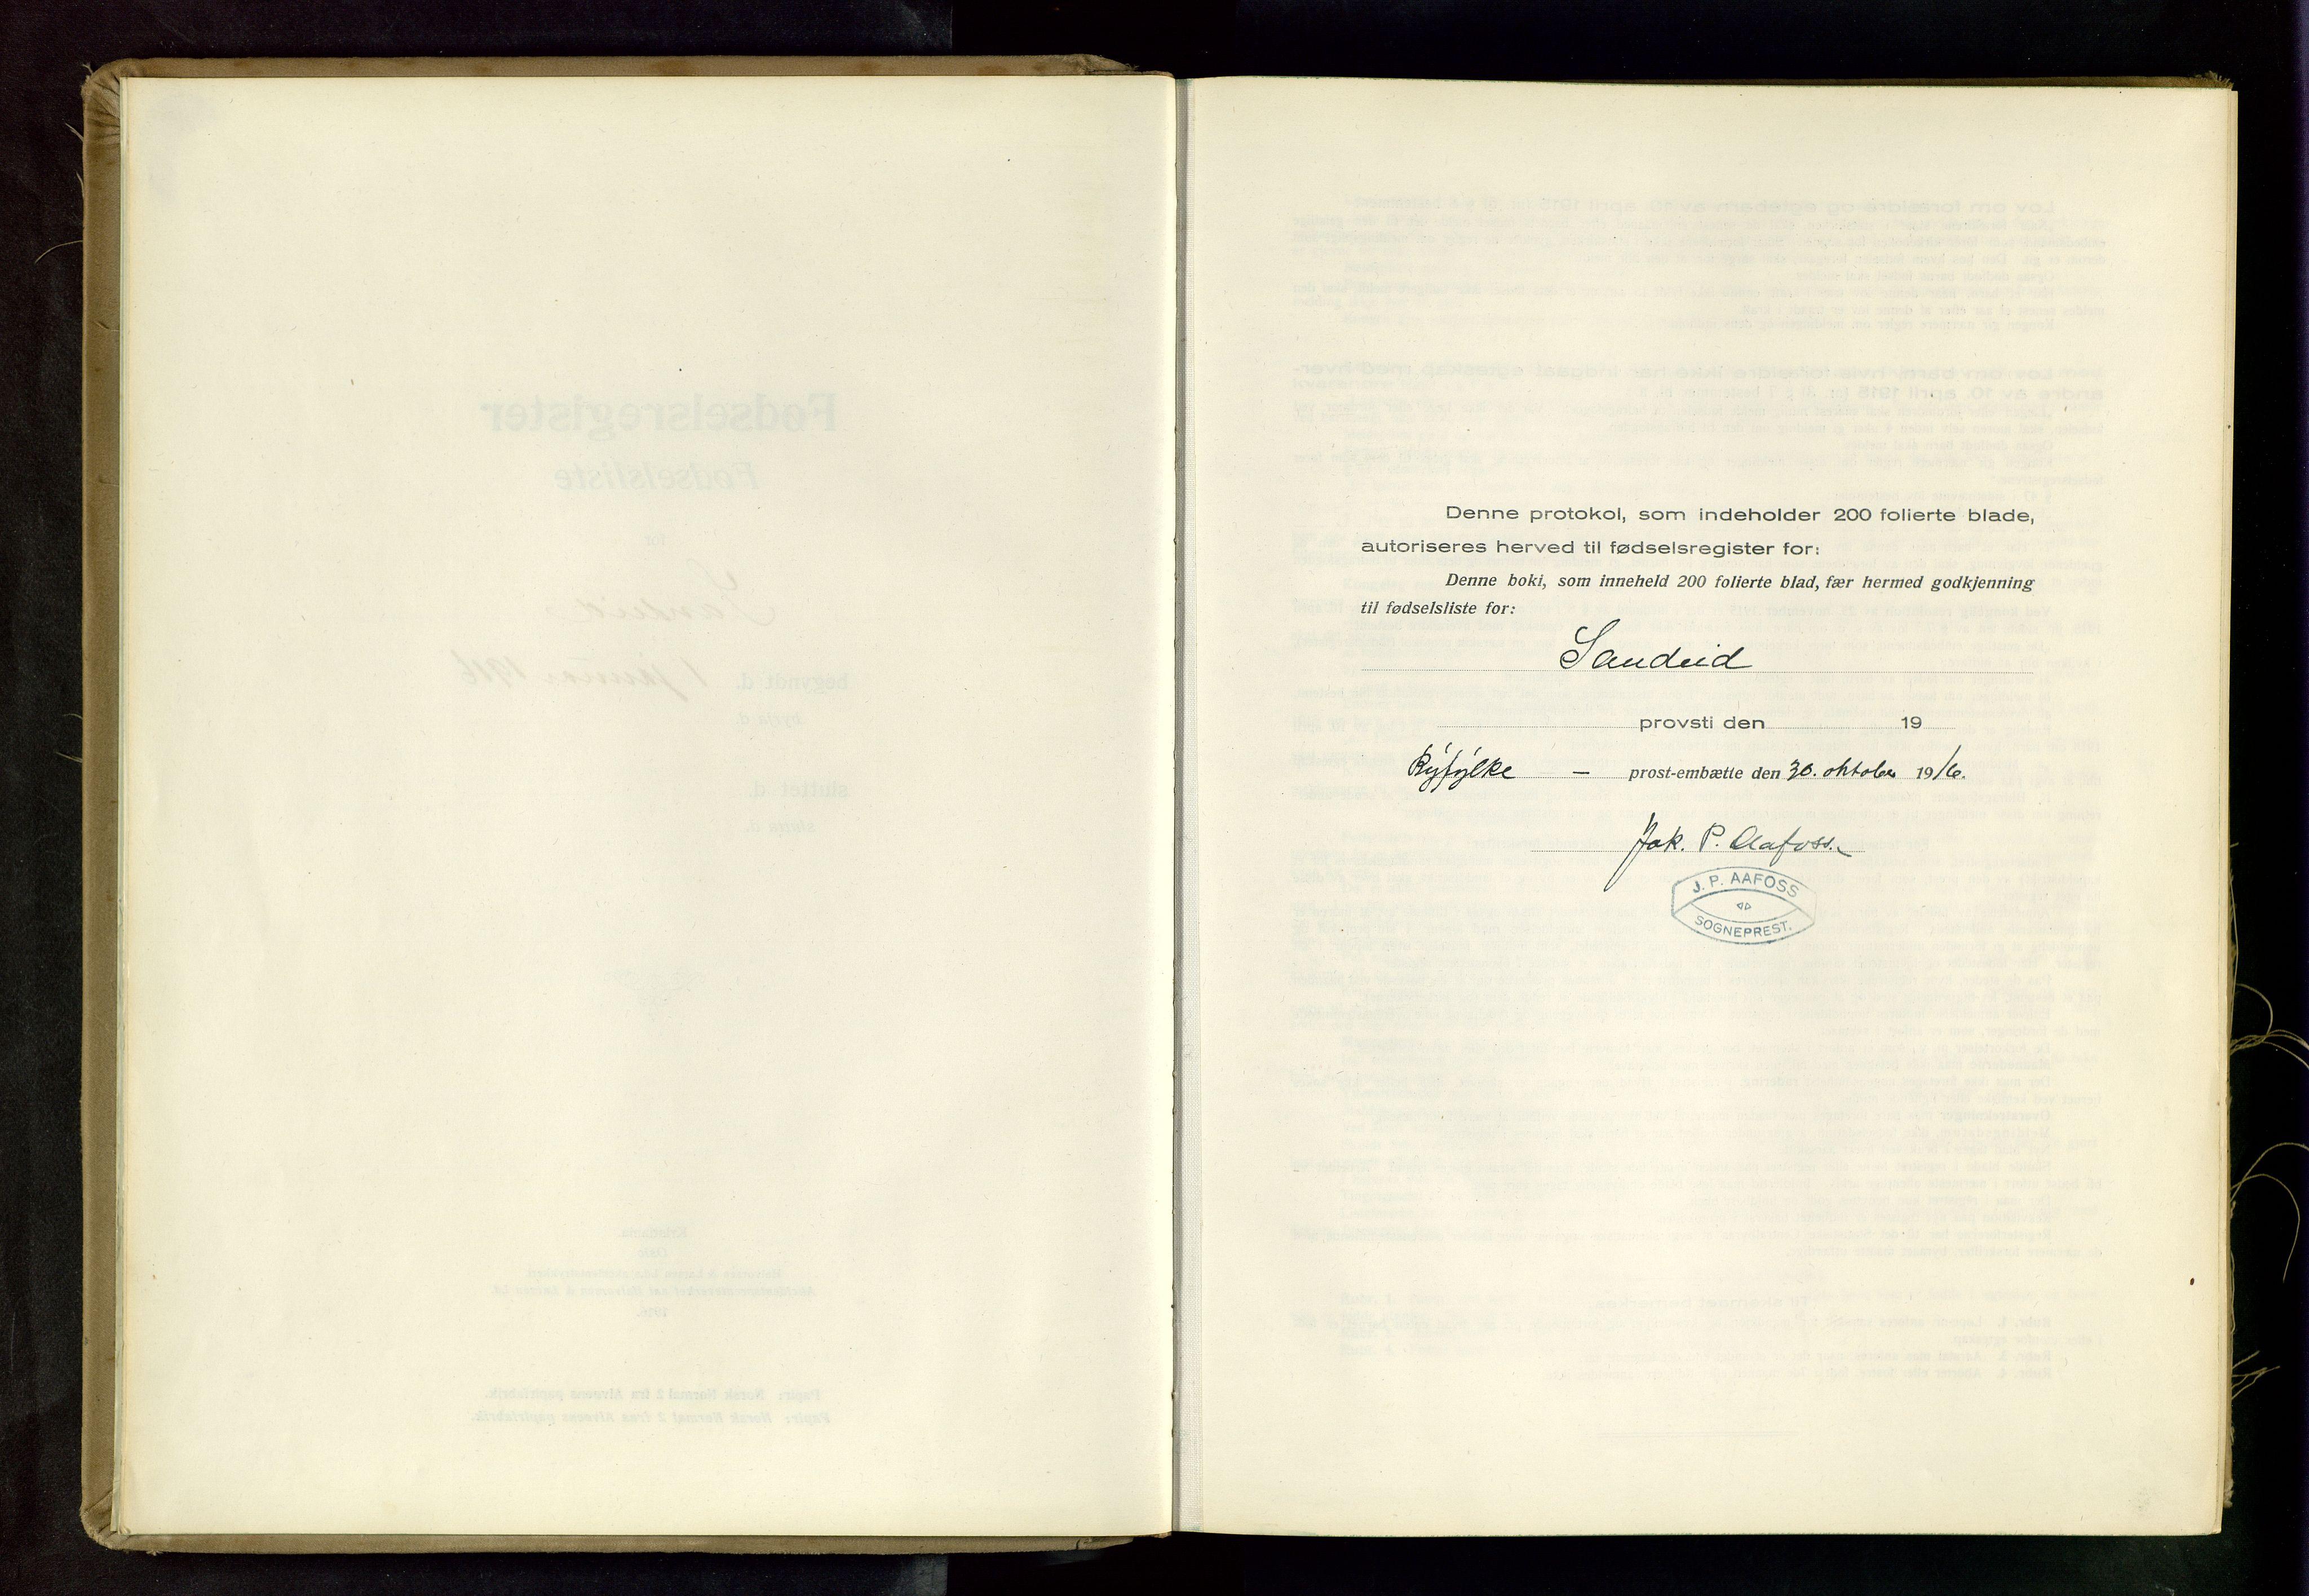 SAST, Vikedal sokneprestkontor, II: Fødselsregister nr. 4, 1916-1982